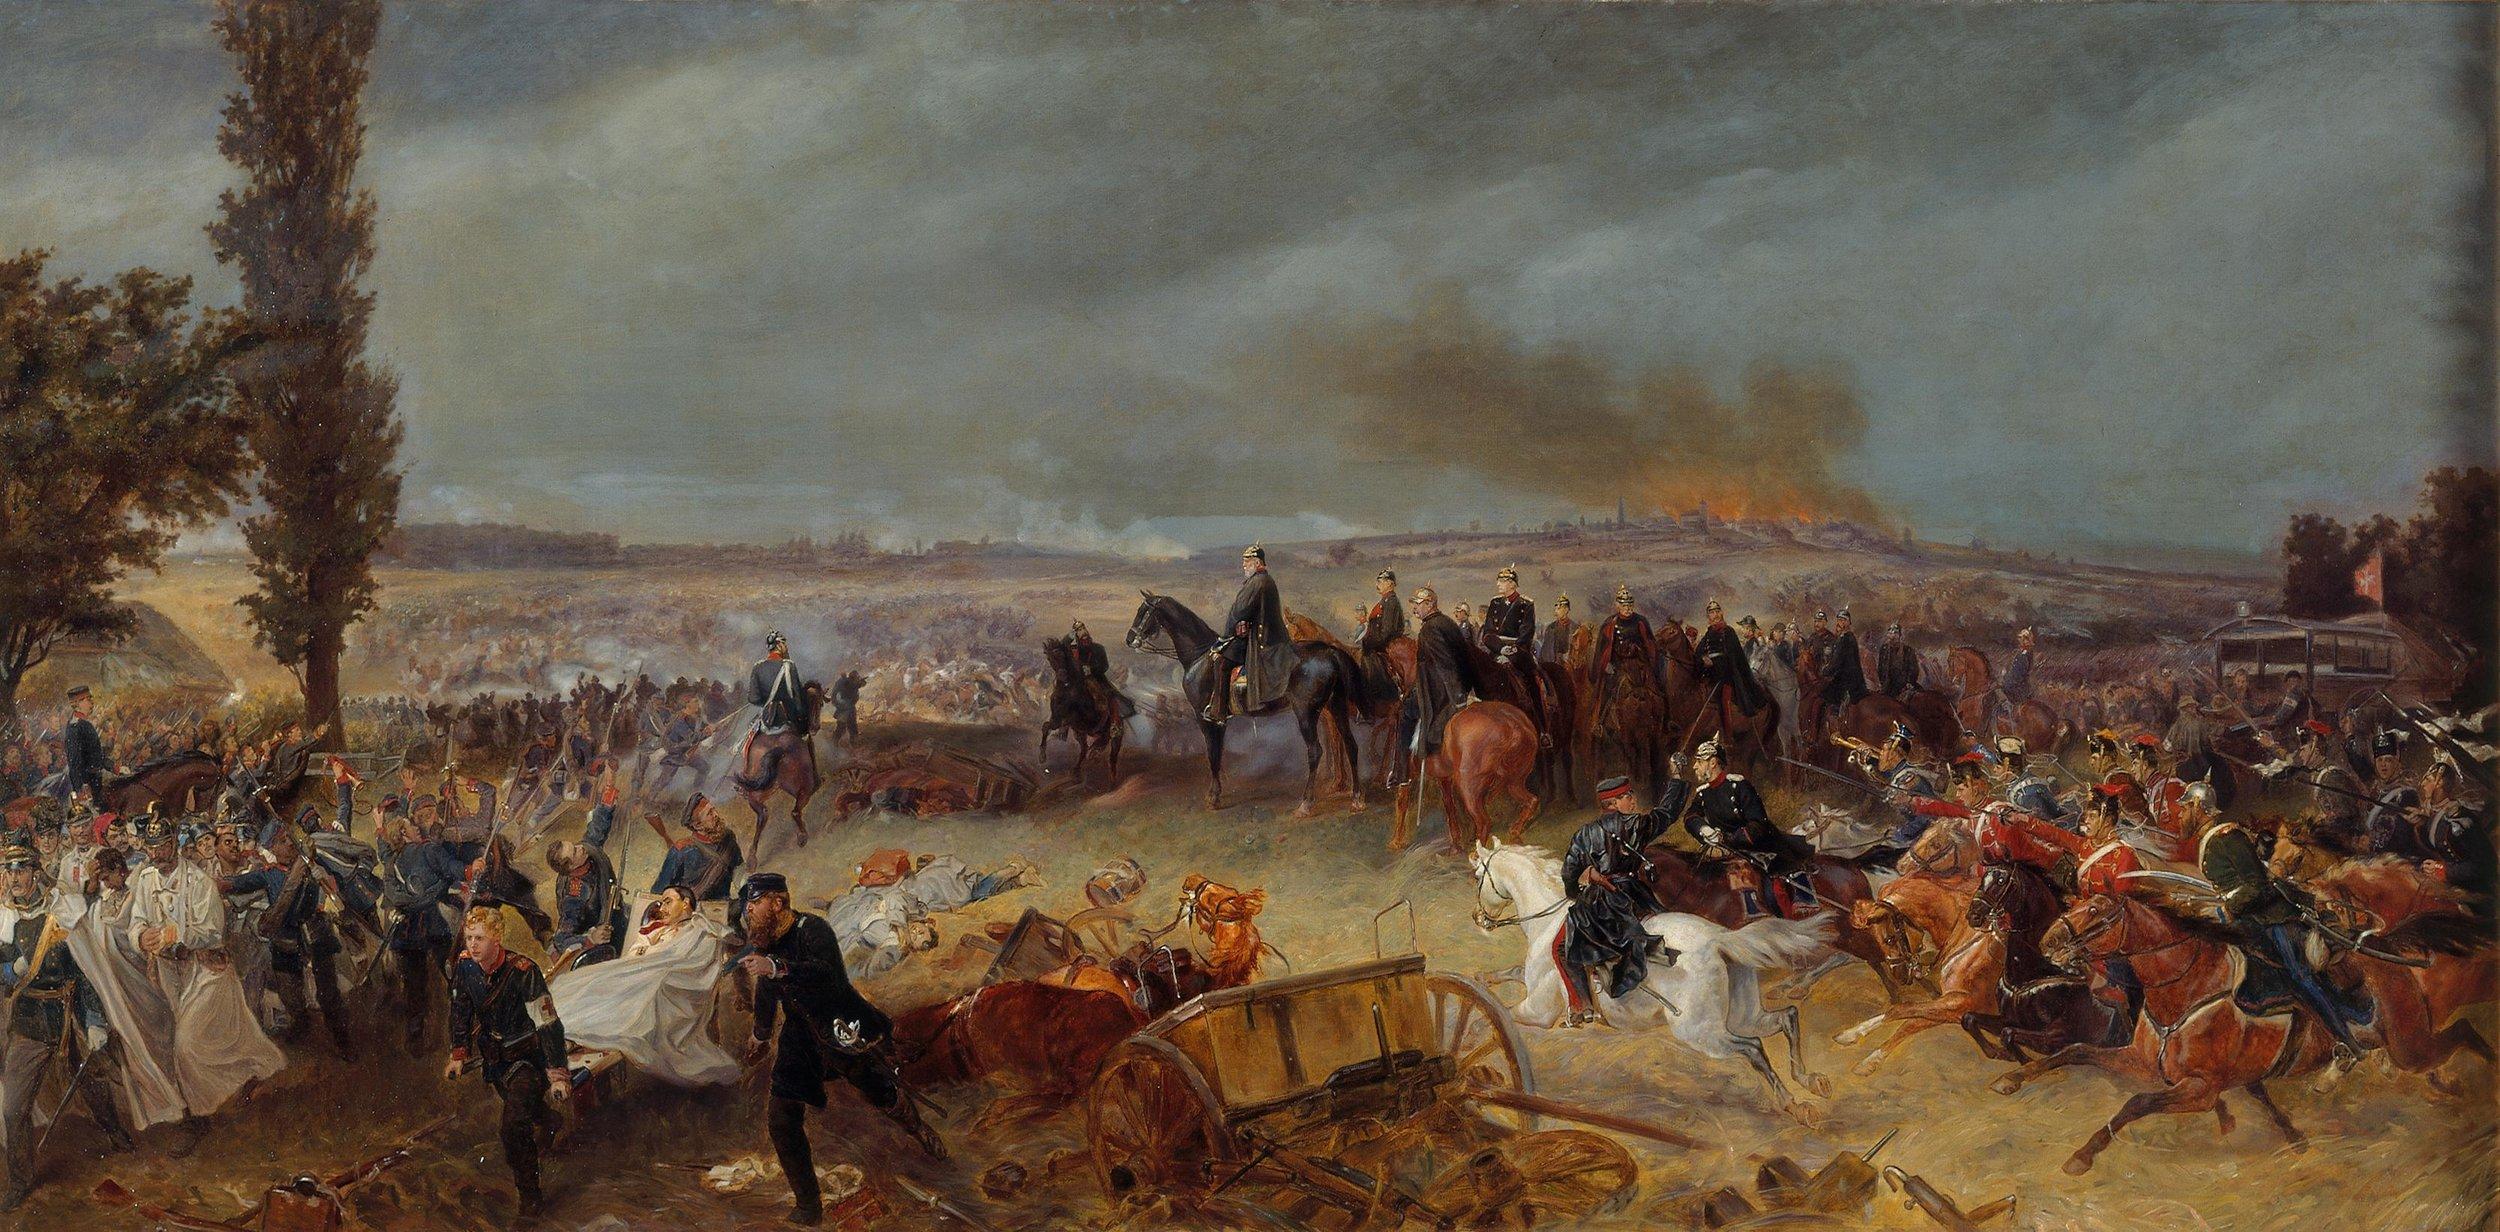 Schlacht-bei-koeniggraetz-von-georg-bleibtreu.jpg